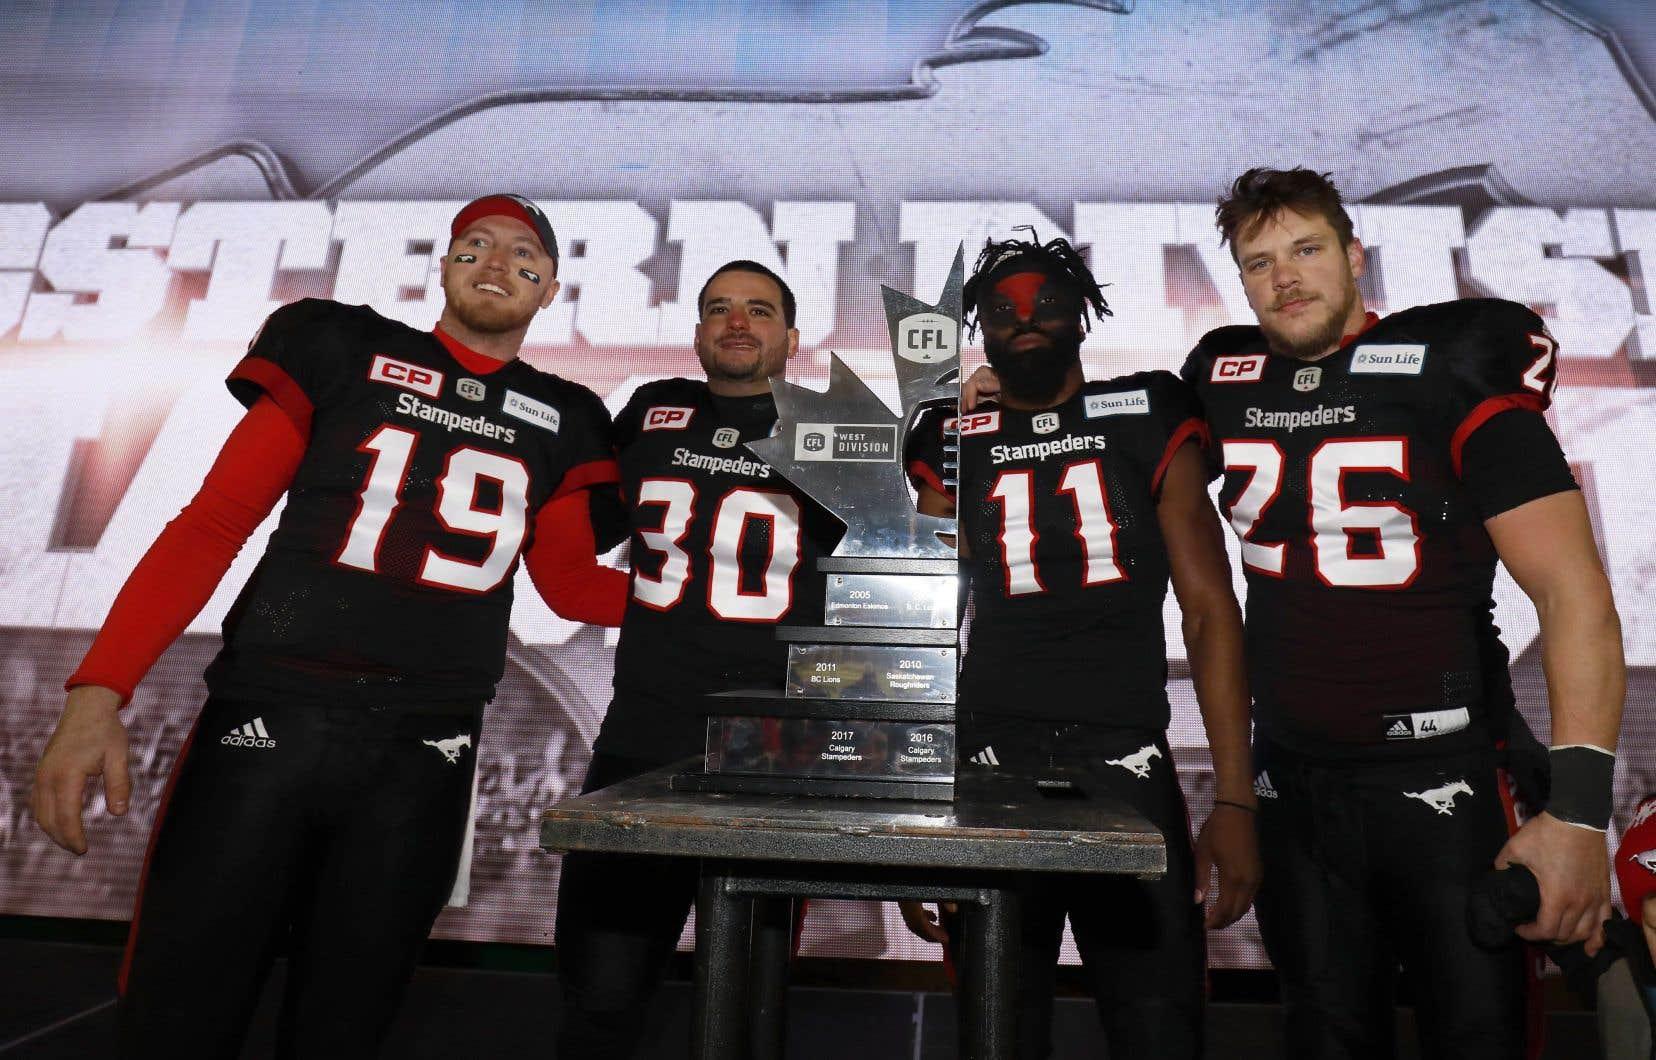 Les Stampeders ont obtenu leur billet pour la finale de la Ligue canadienne de football pour une deuxième année de suite.